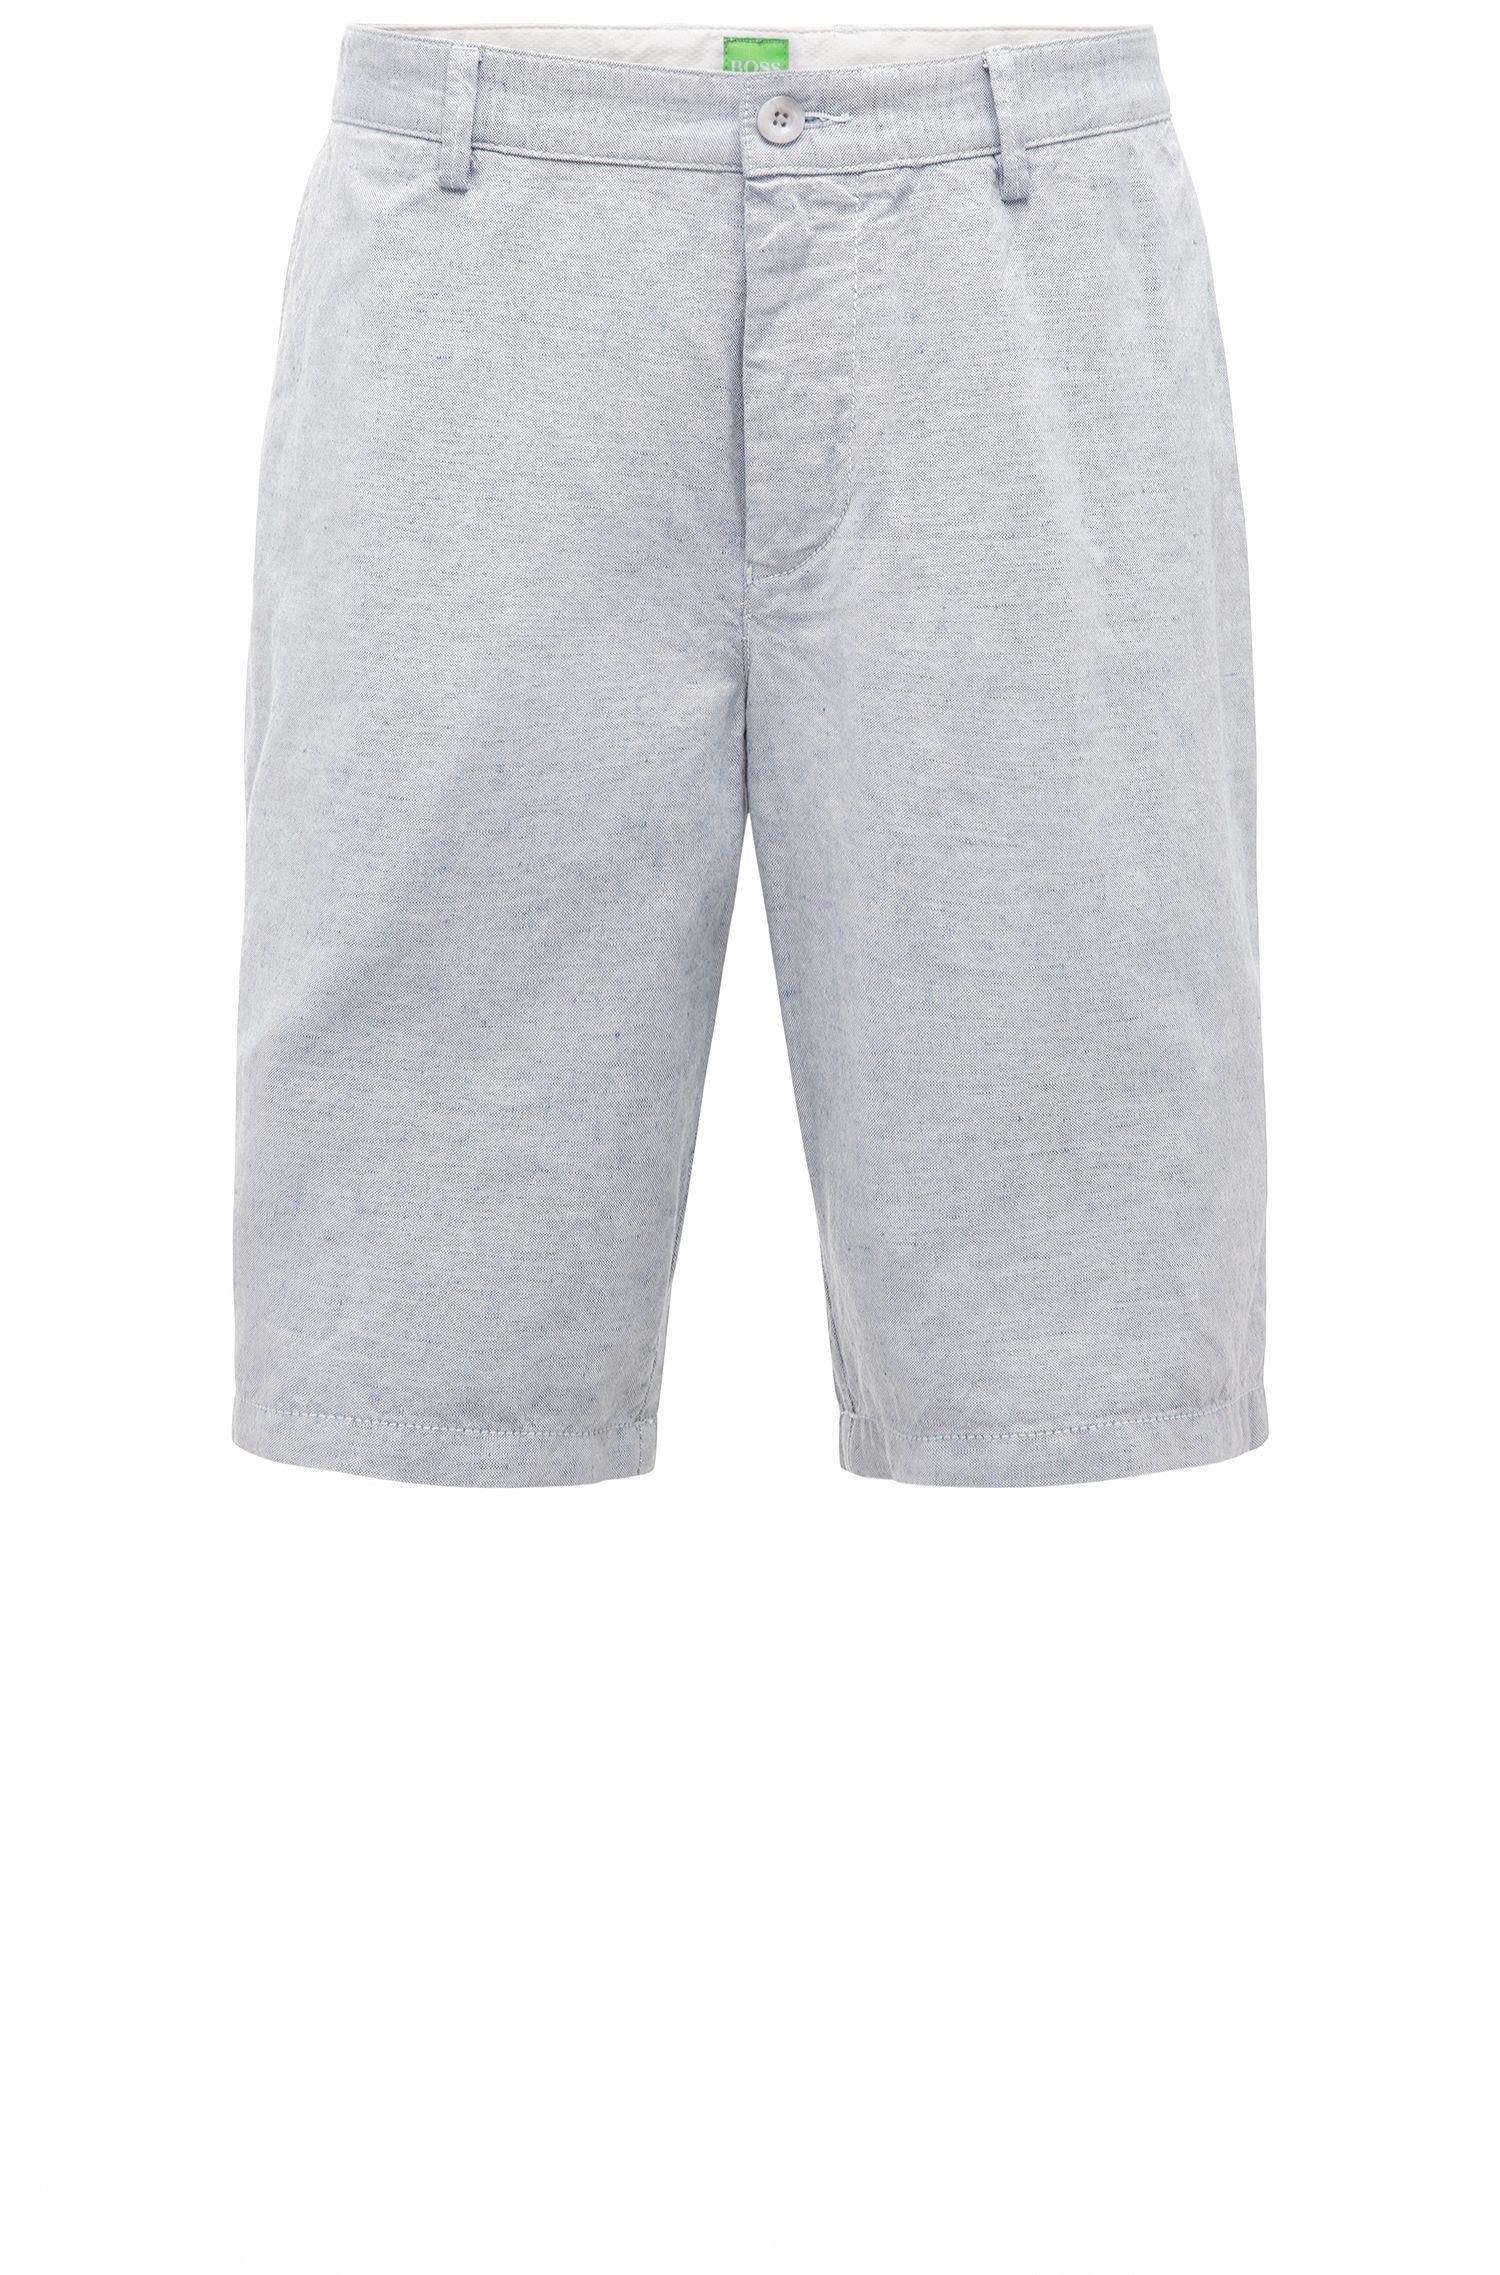 Shorts regular fit en mezcla de algodón con textura y lino: 'C-Clyde2-1-W'